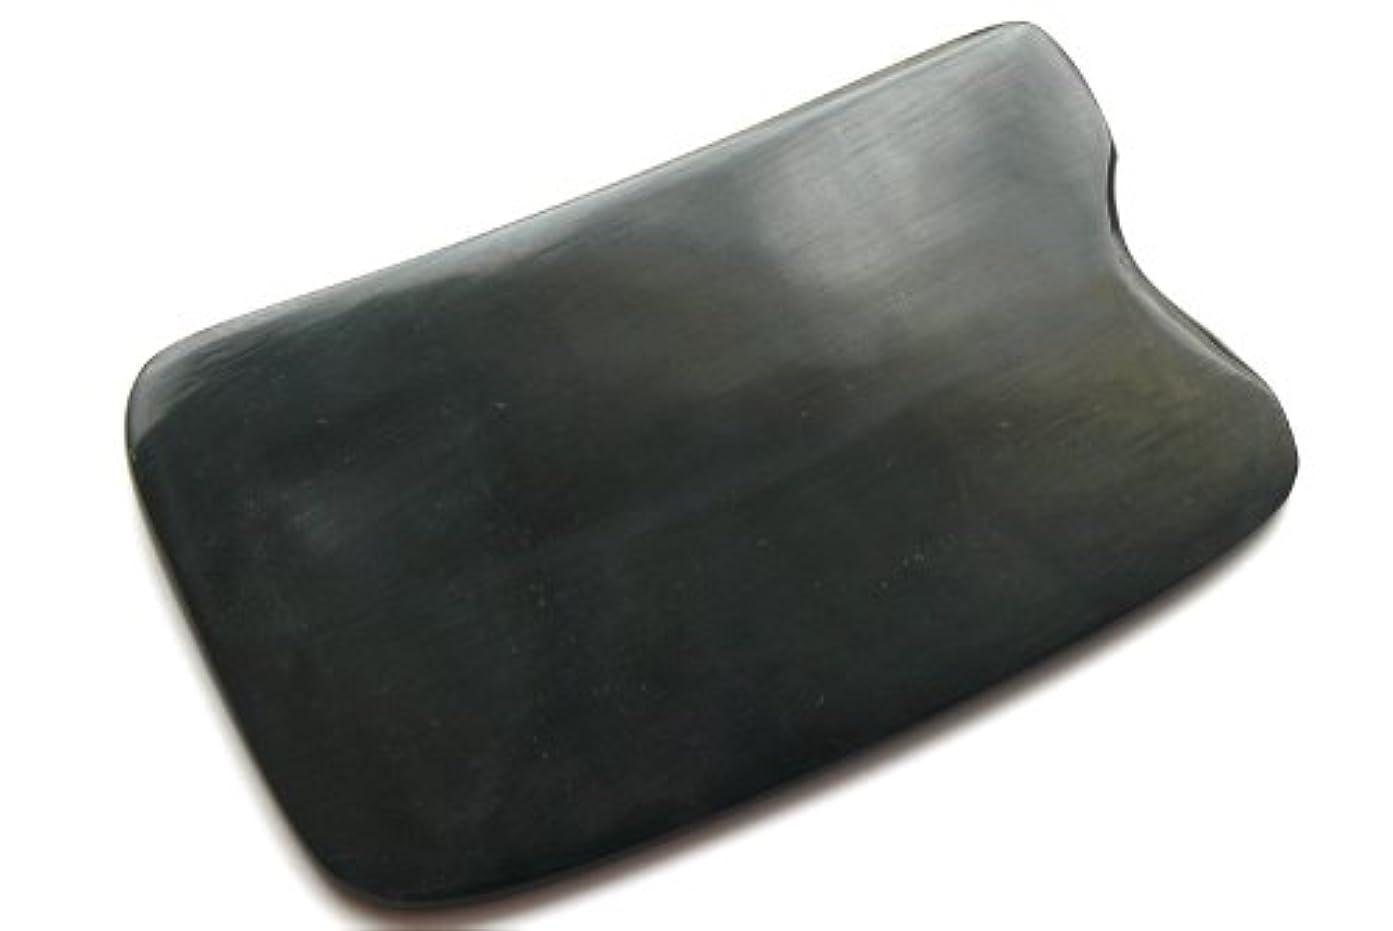 脊椎残酷丁寧かっさ板、美容、刮莎板、グアシャ板,水牛角製